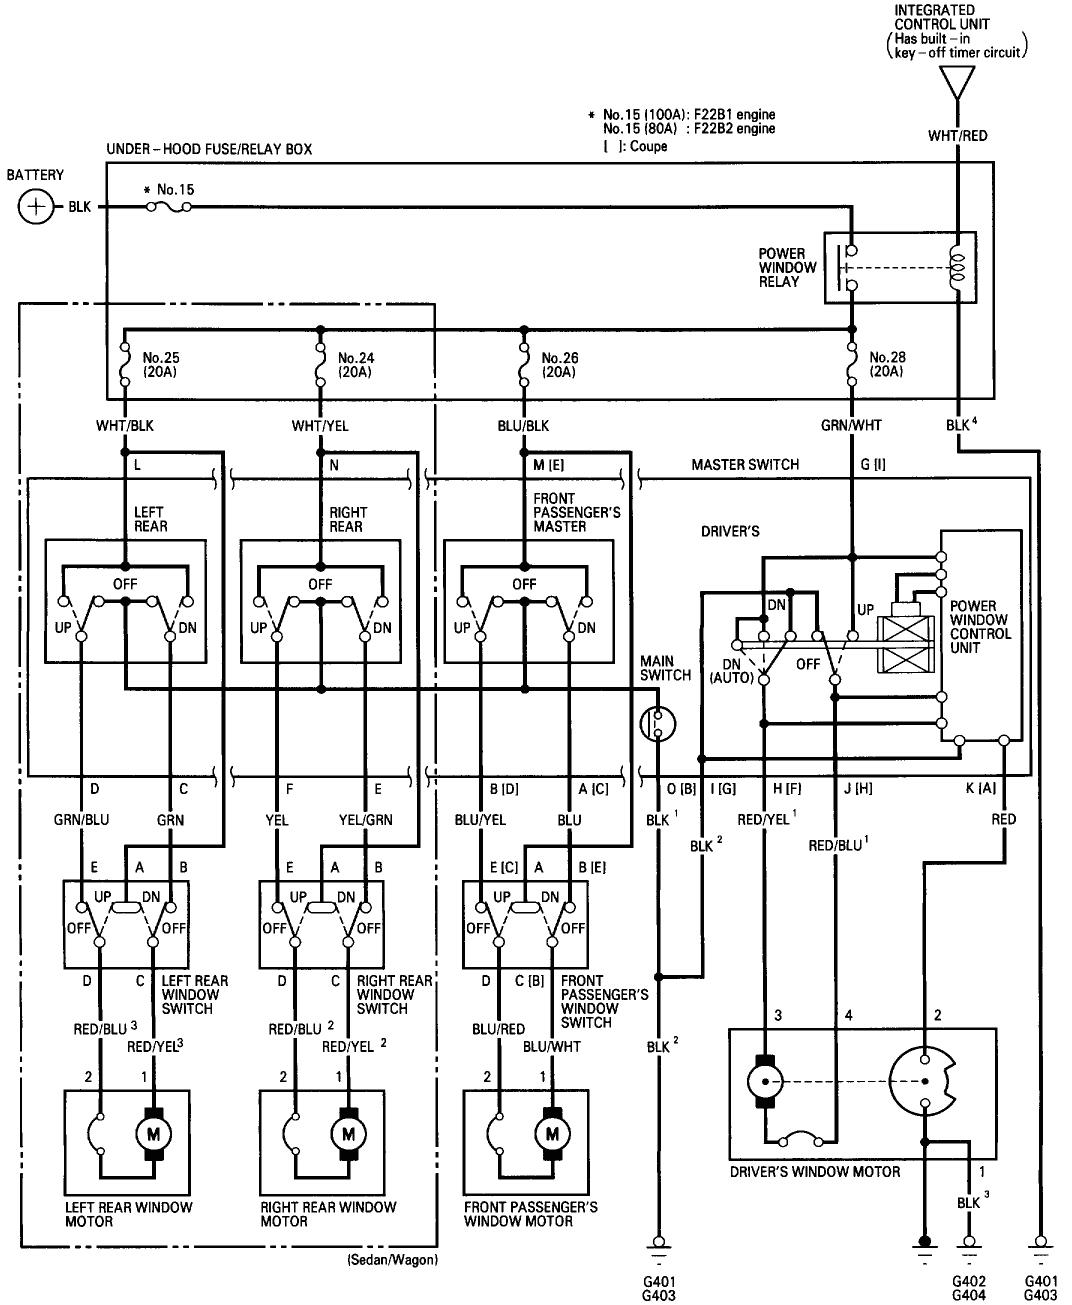 2005 honda accord power window diagram on 2005 honda accord wiring 2005 honda civic power window